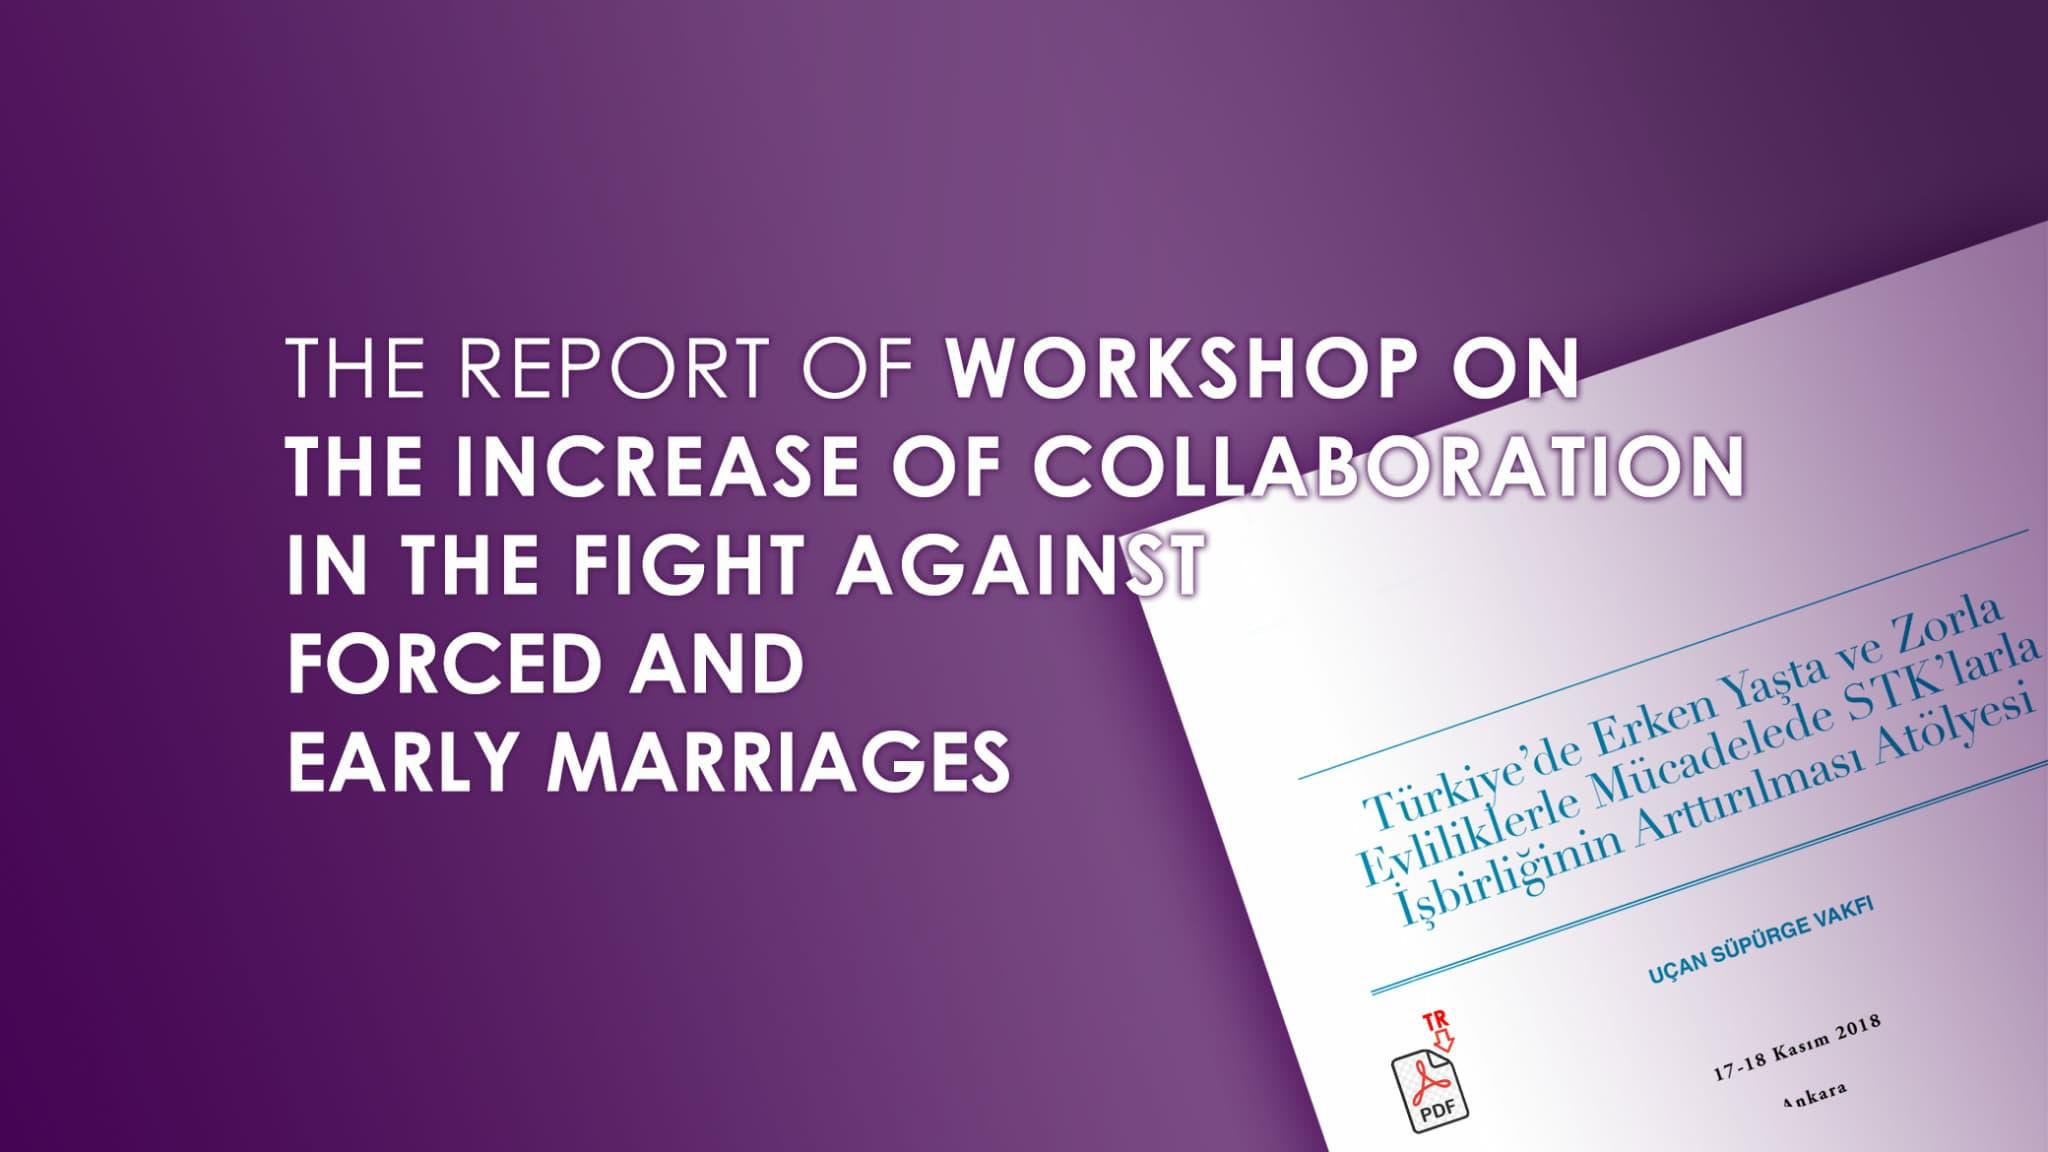 Erken Yaşta ve Zorla Evliliklerle Mücadelede STK'larla İşbirliğinin Artırılması Raporu